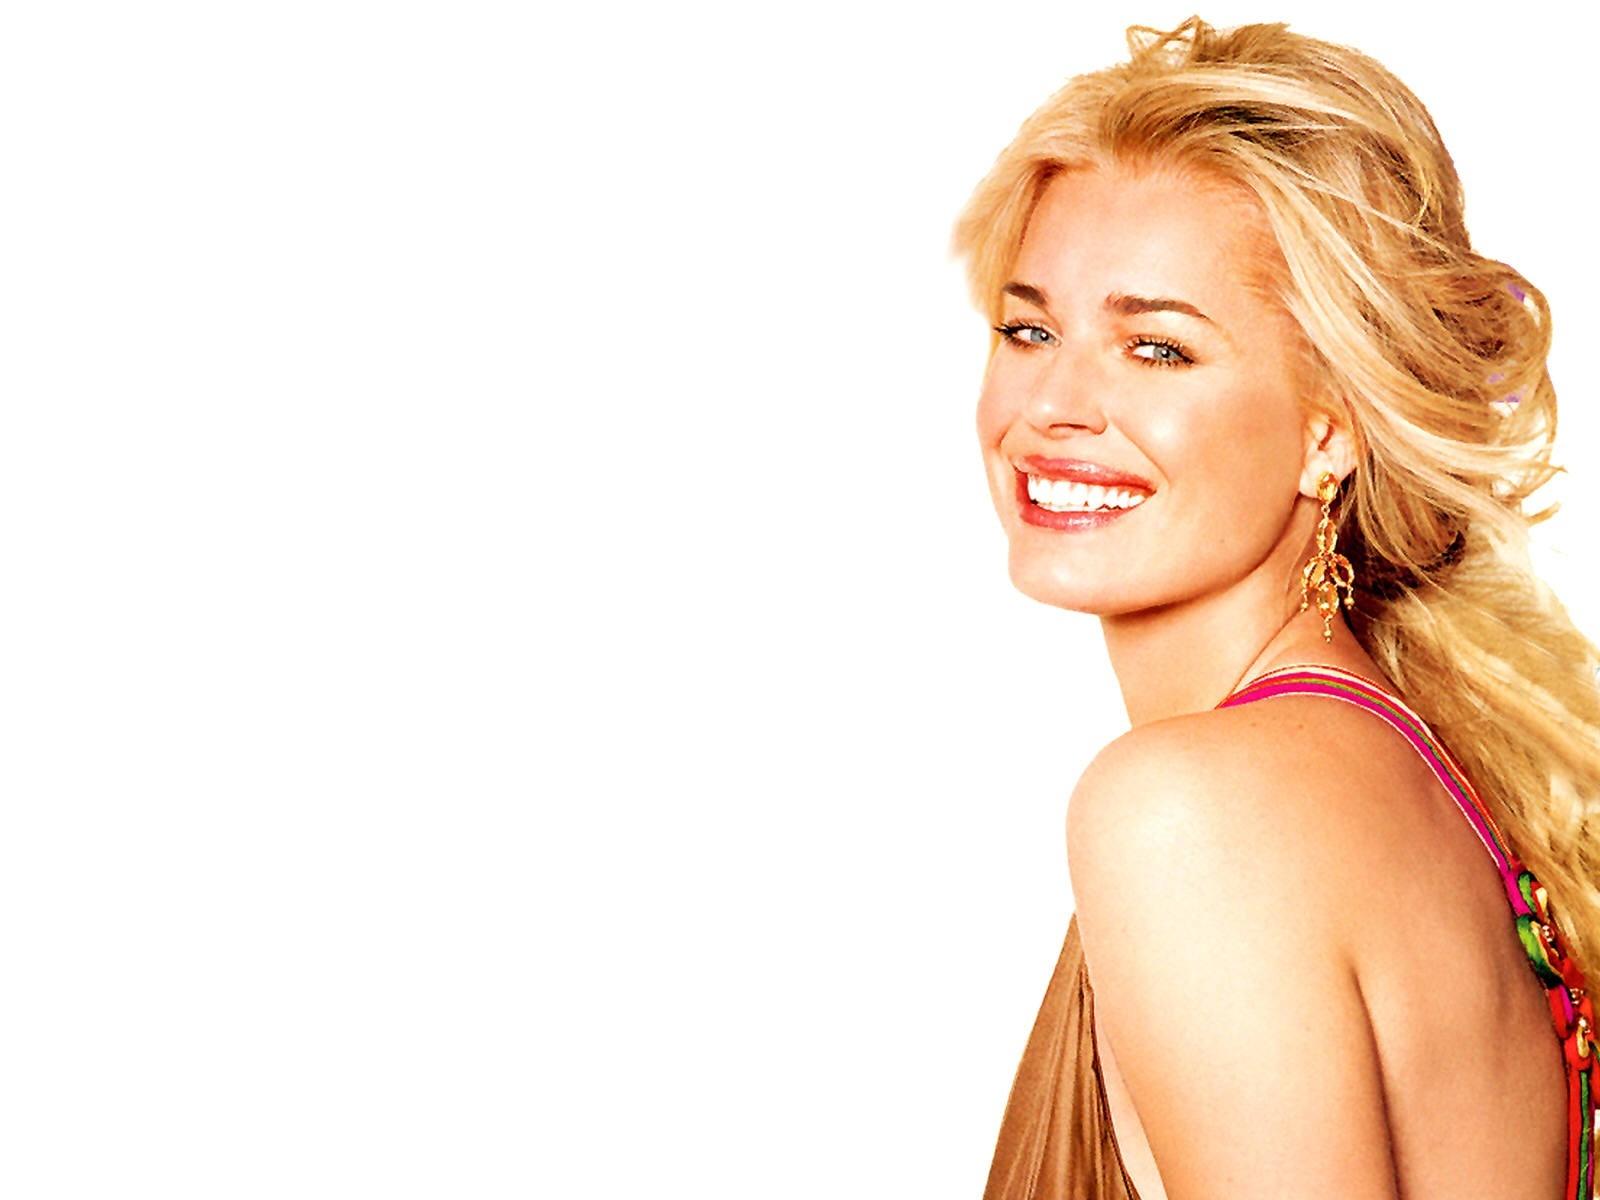 Wallpaper: un sorriso seducente per Rebecca Romijn